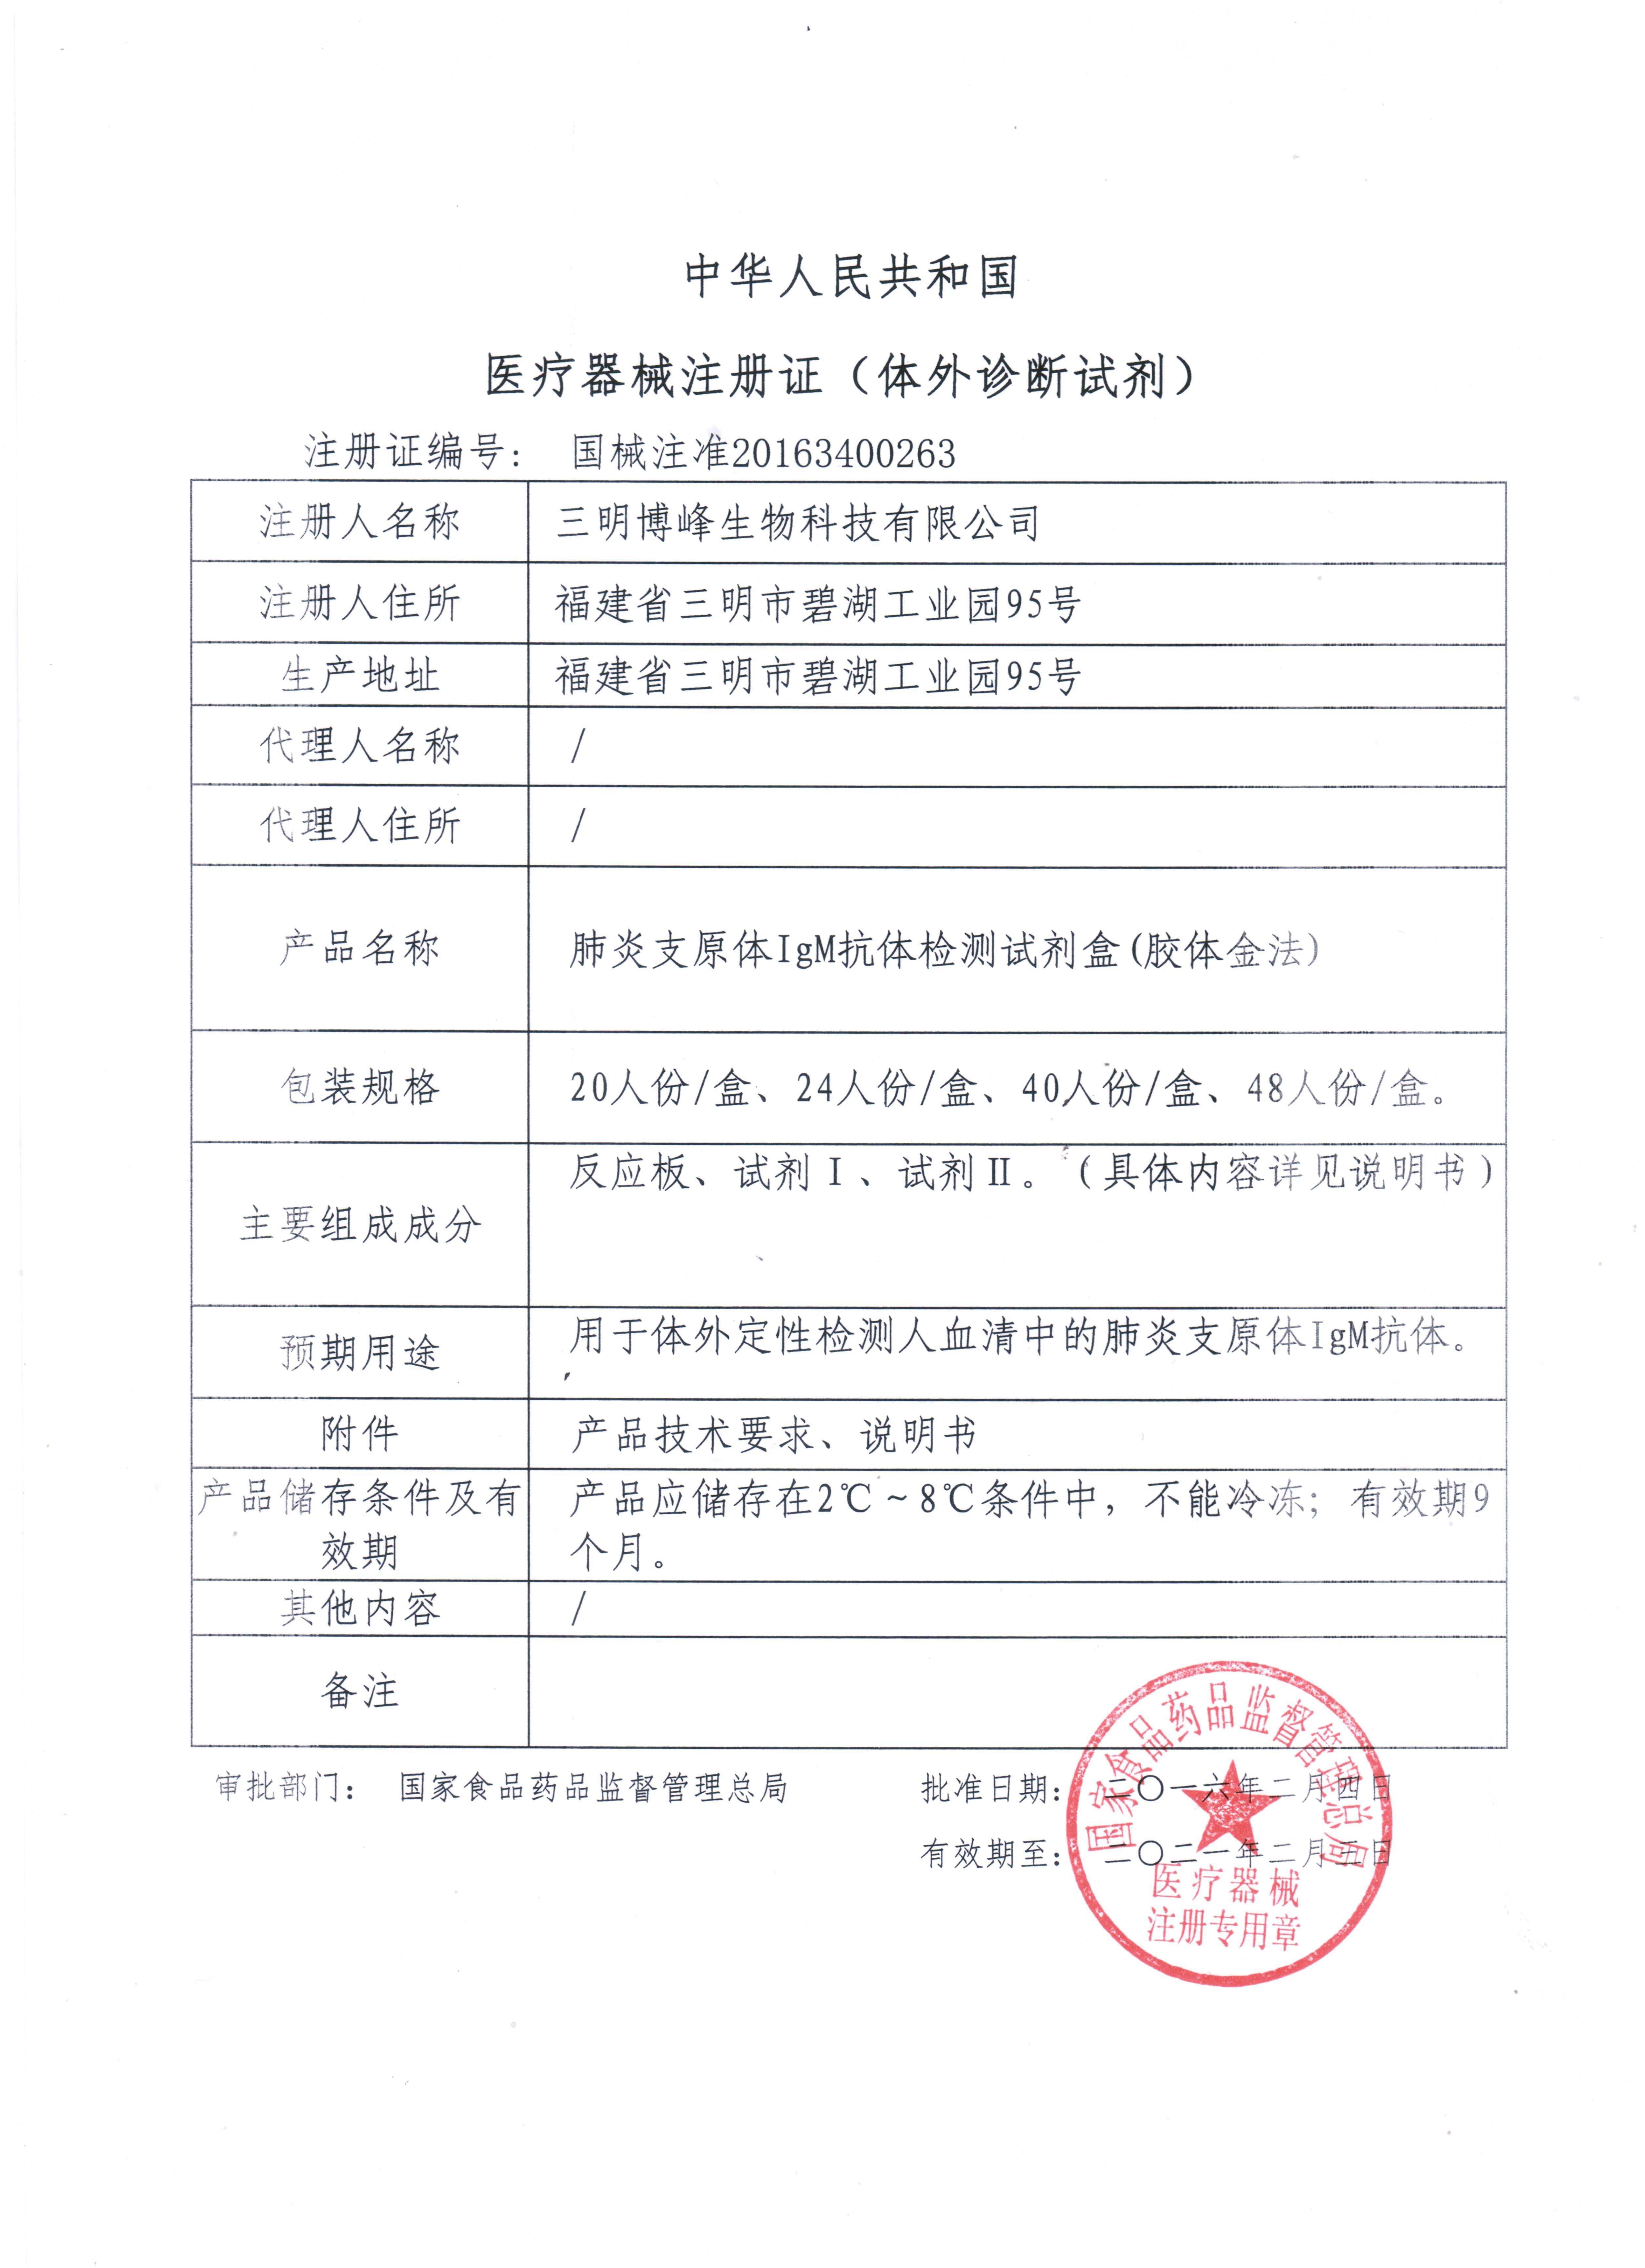 3.肺炎支原体IgM抗体检测试盒(胶体金法)注册证.jpg